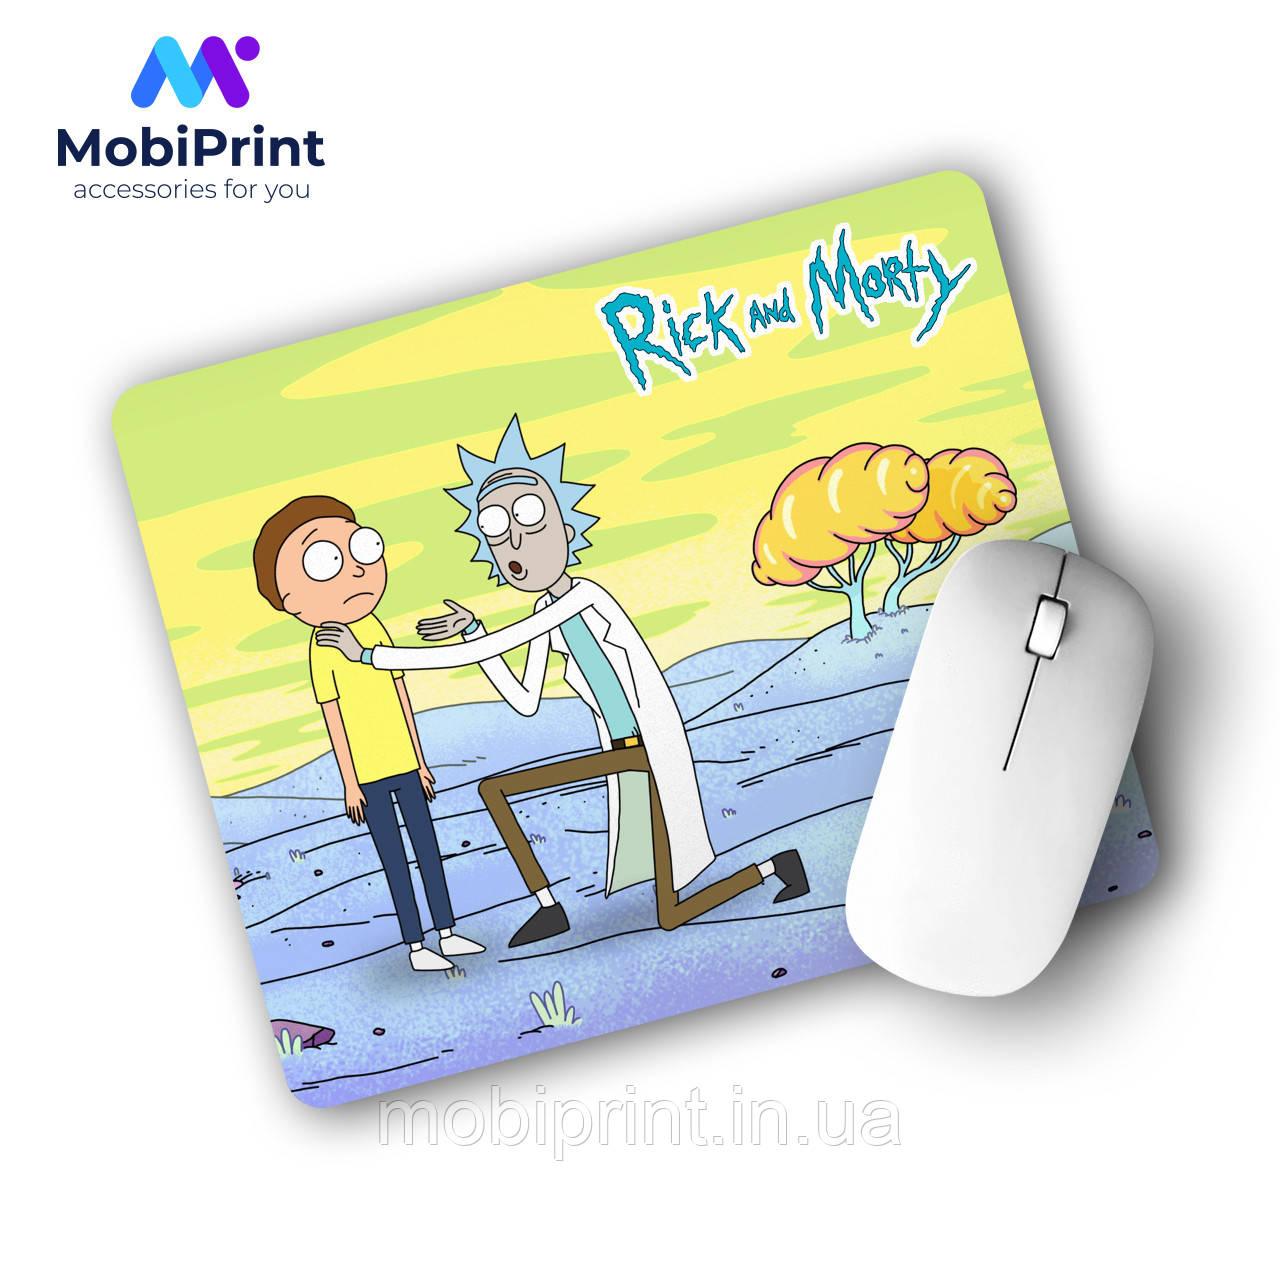 Коврик для мышки Рик и Морти (Rick and Morty) (25108-1233)